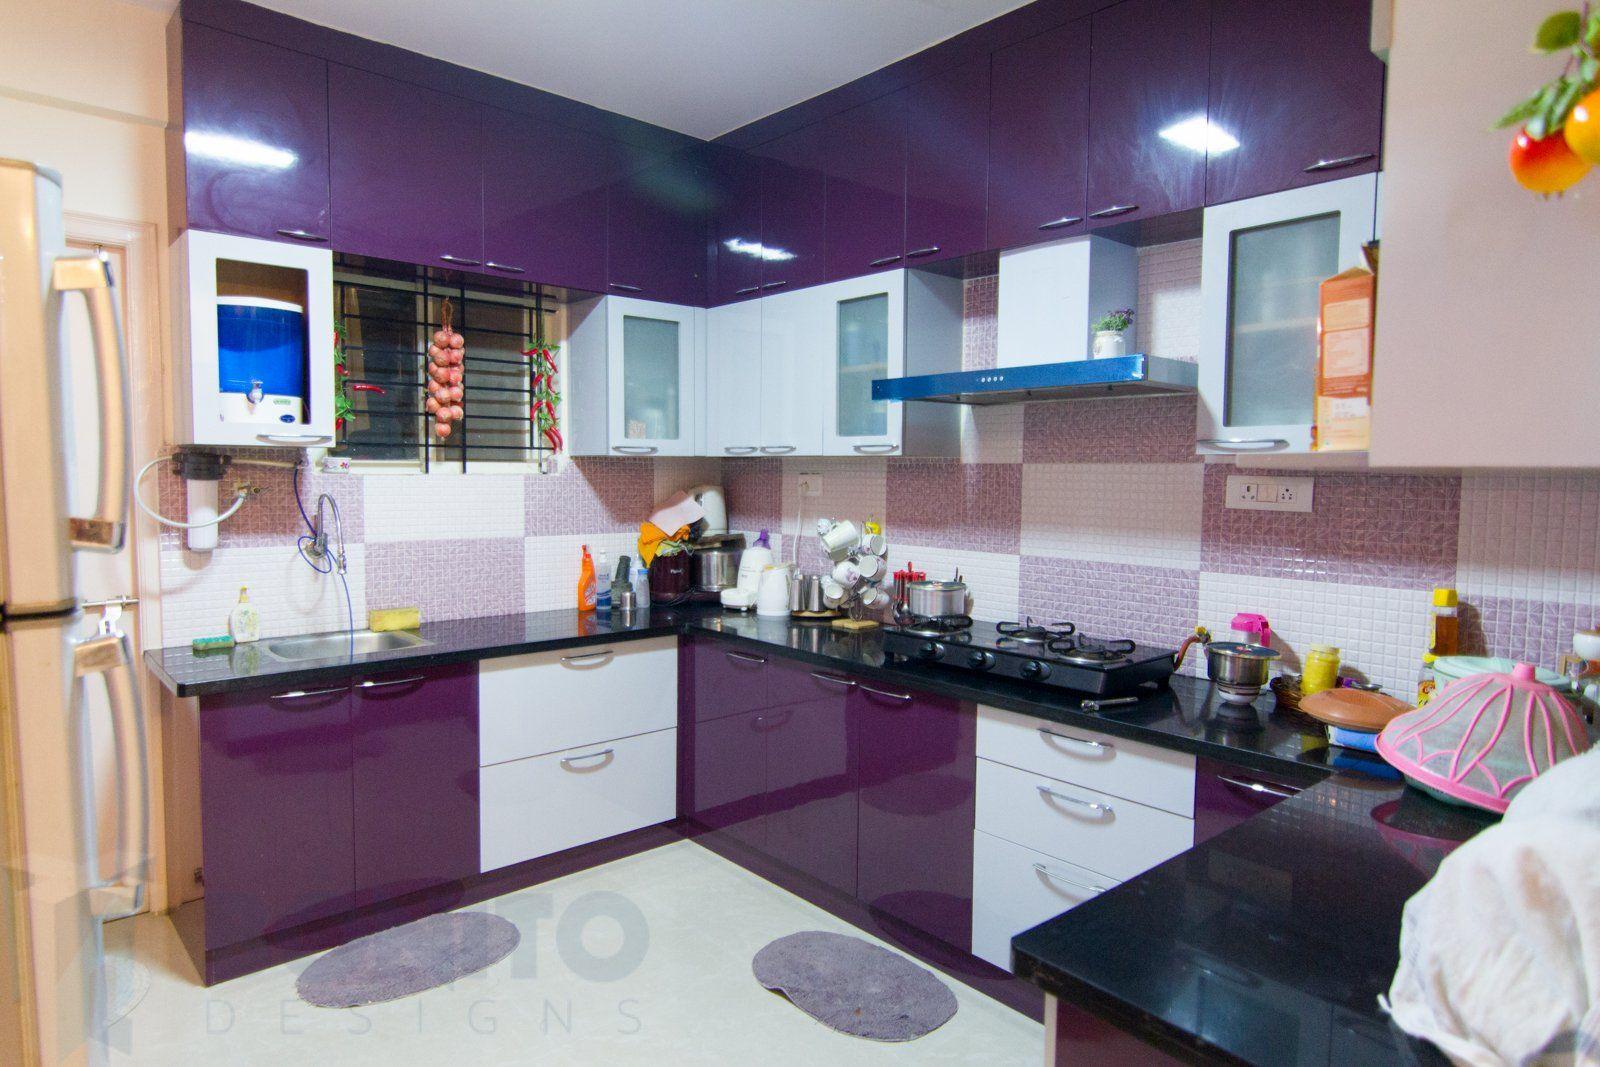 simple-modular-kitchen-1.jpg (1600×1067) | Kitchen design styles, Kitchen design small, Modern ...